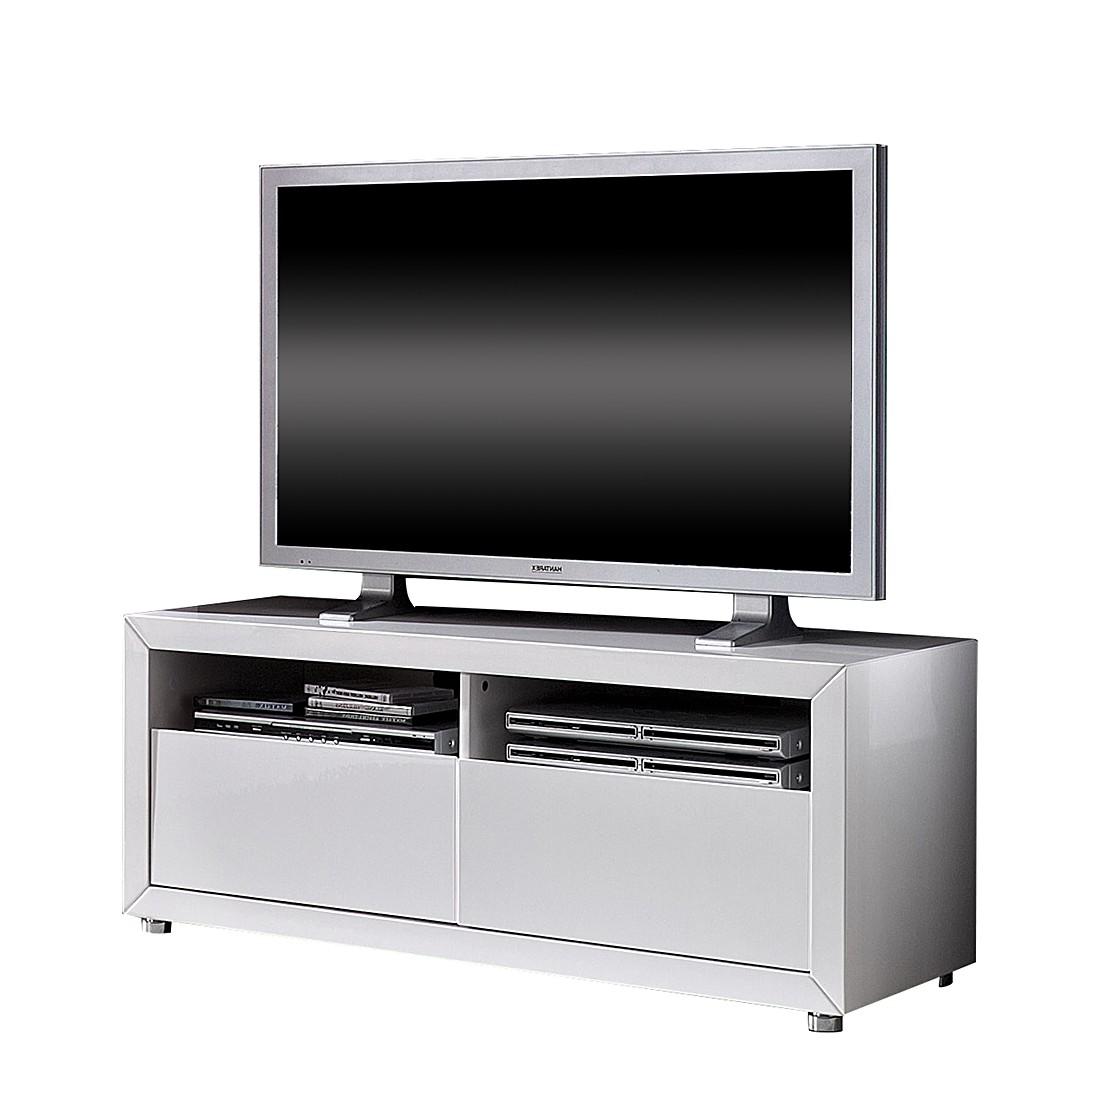 Tv schrank weiß hochglanz 120  Top Square Archive - Schrank.info | Schrank.info